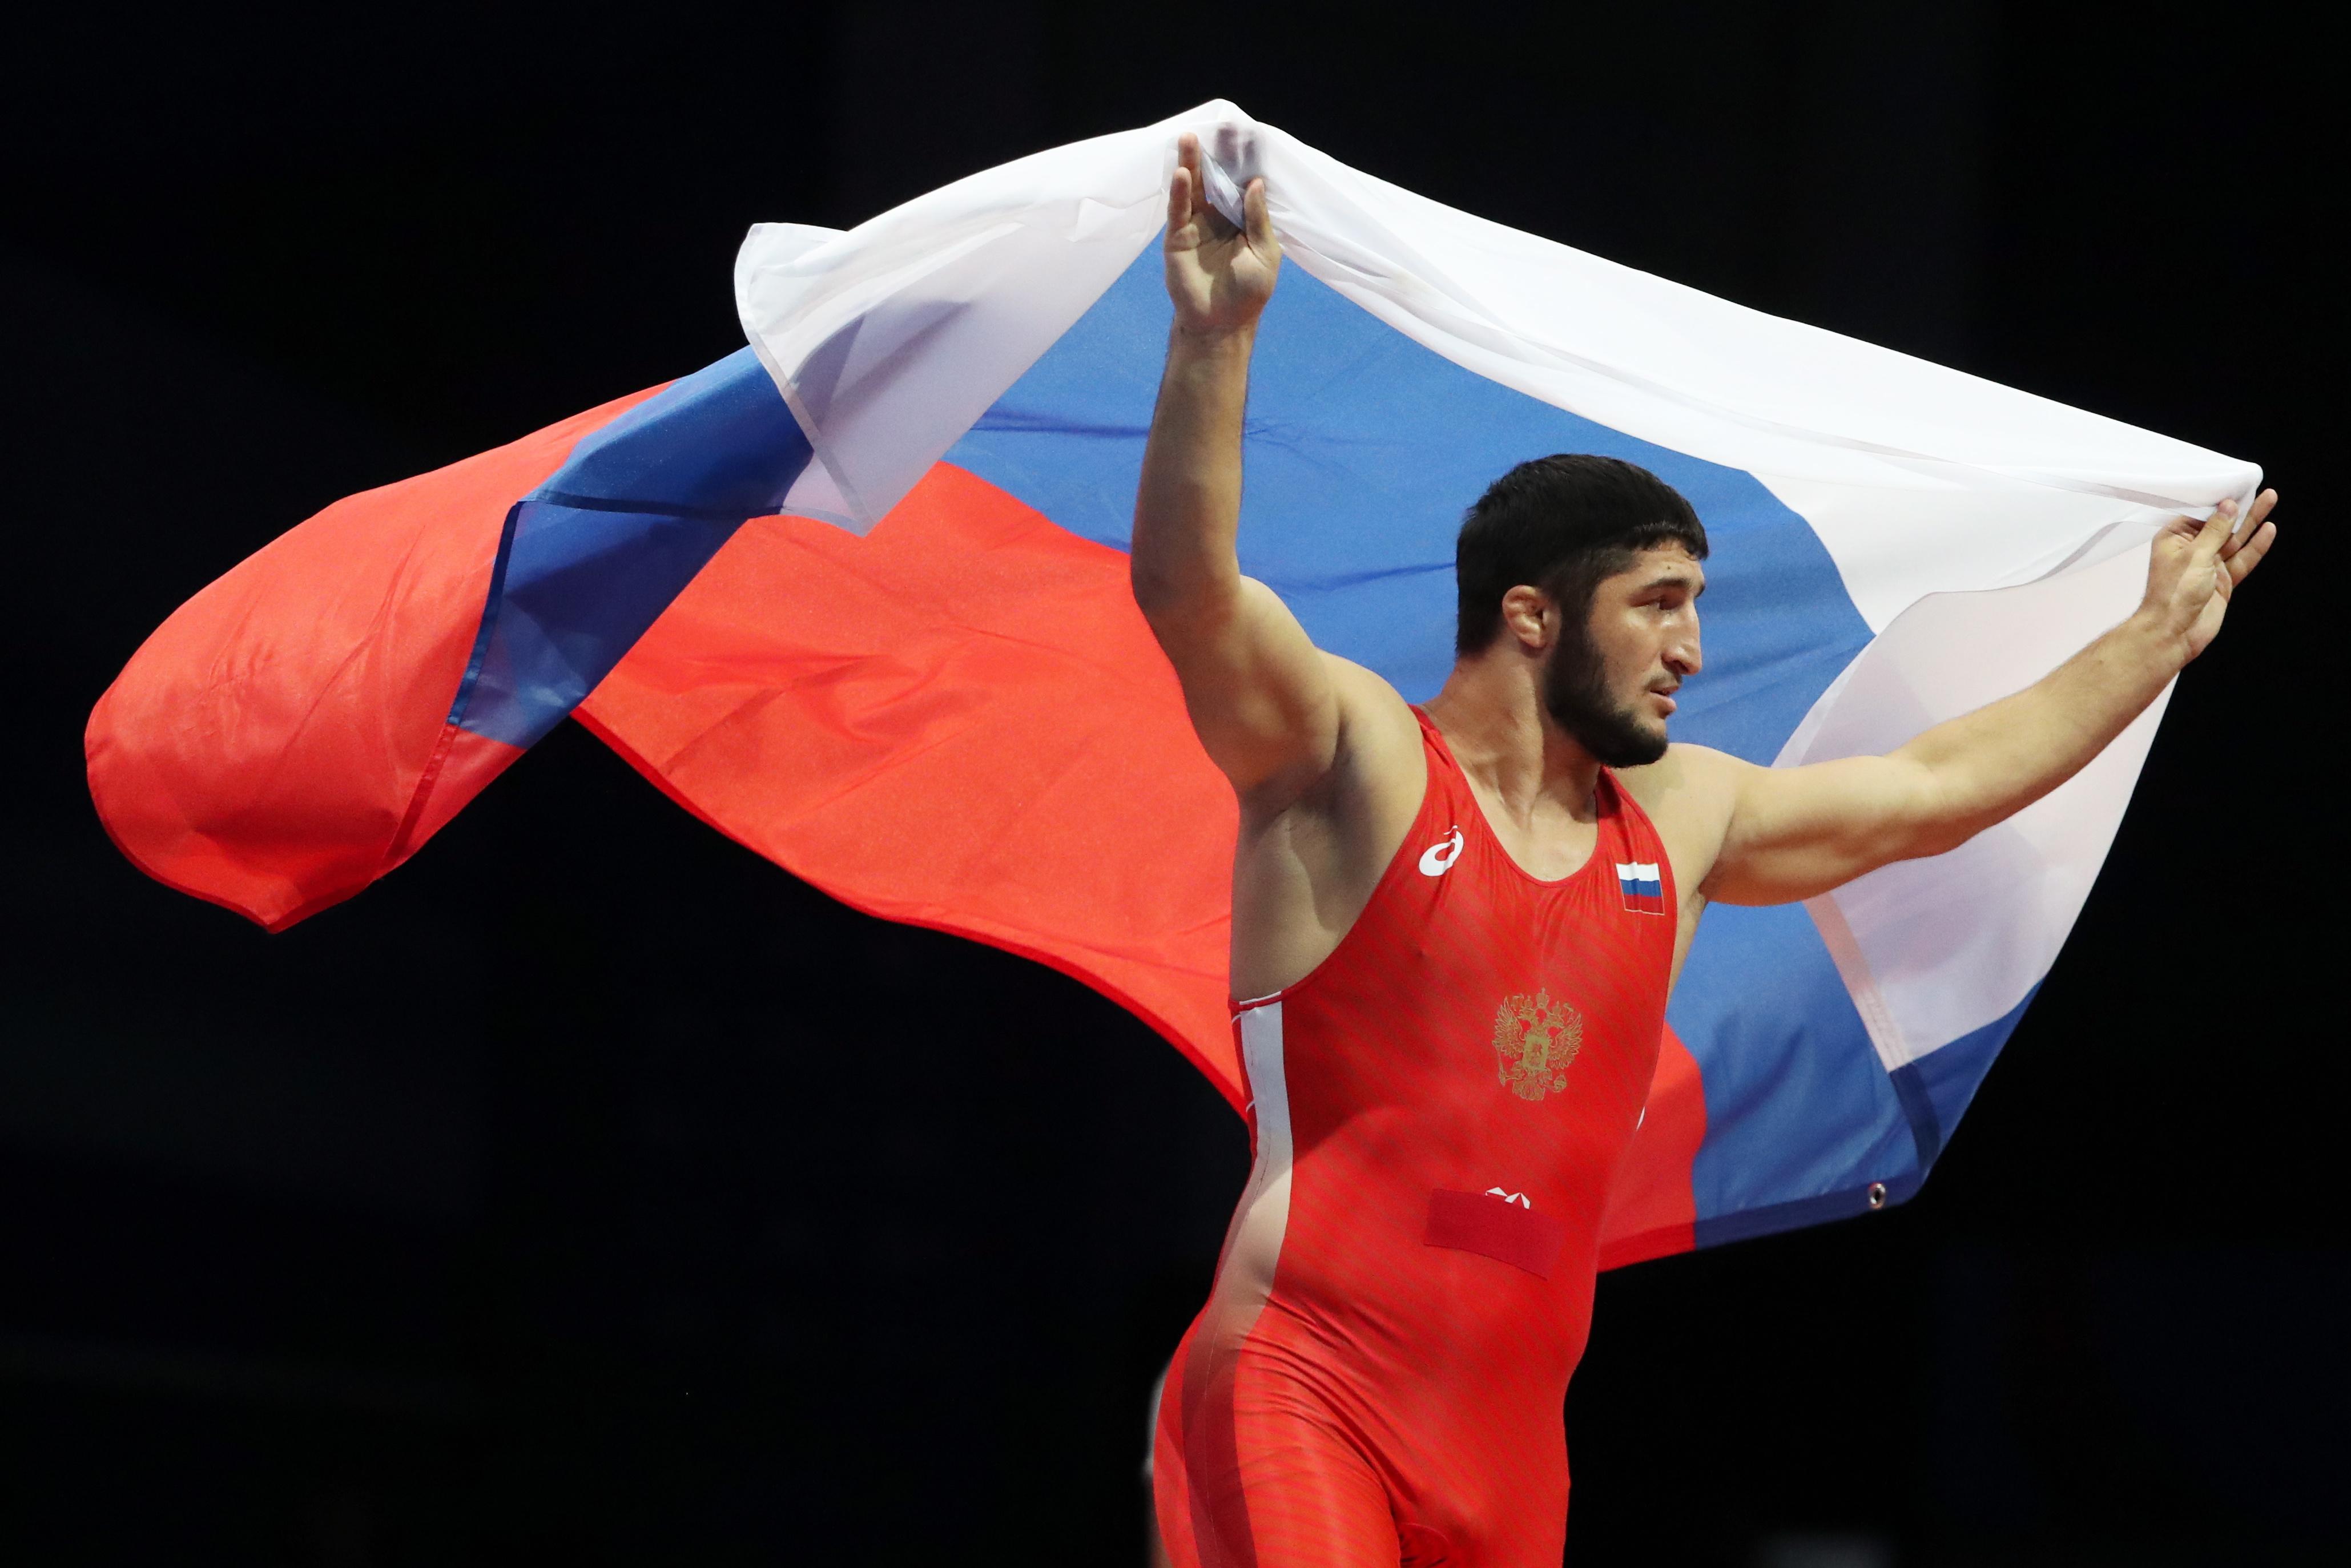 Minsk 2019 European Games: wrestling